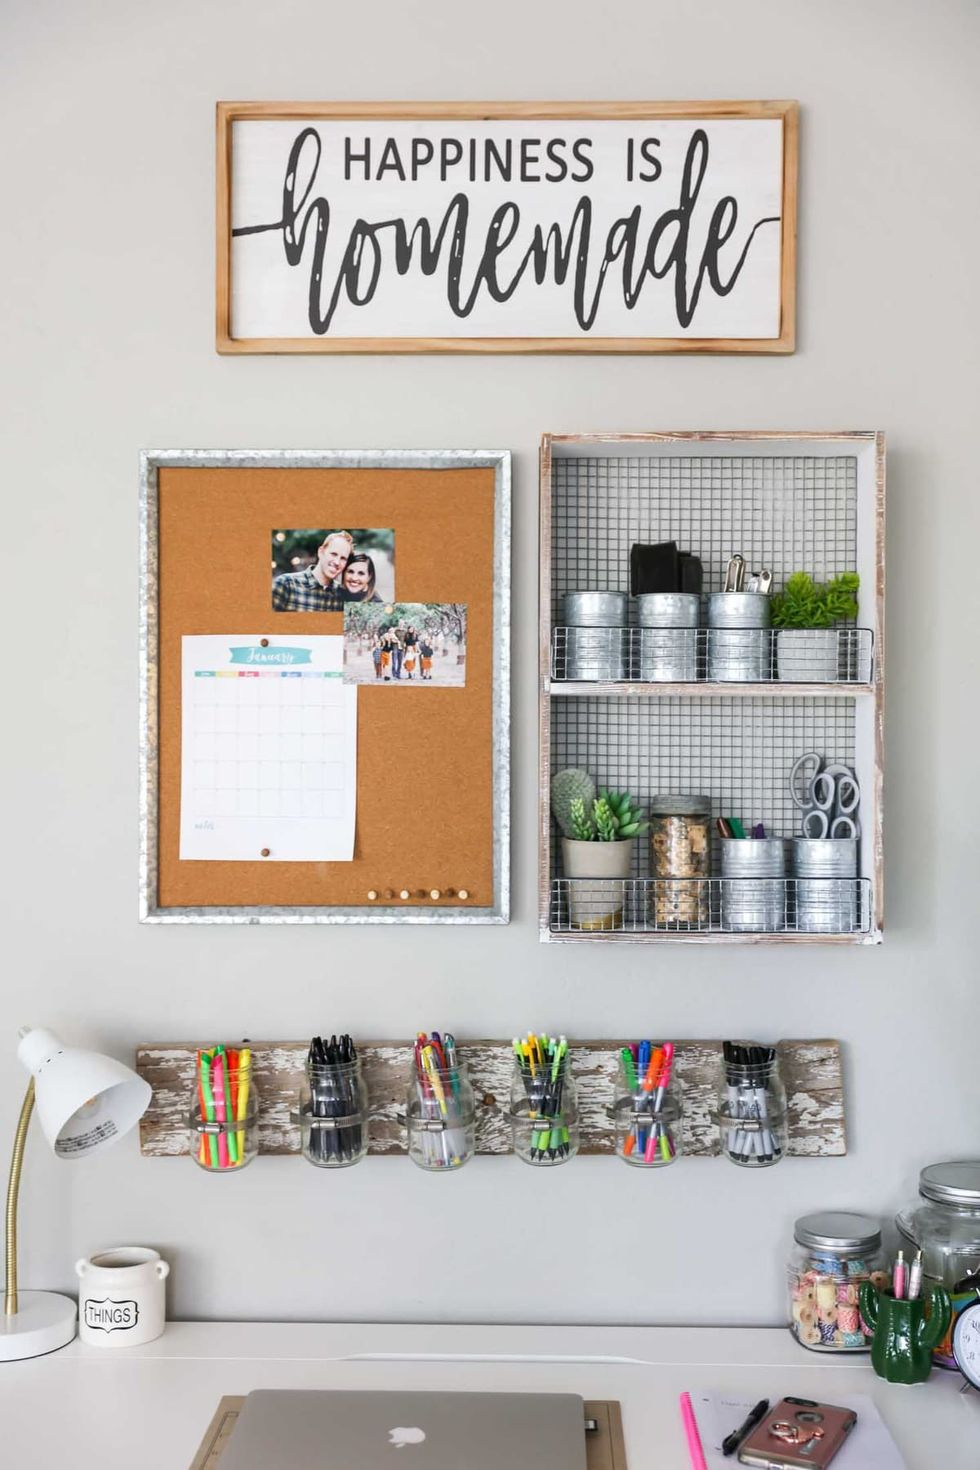 Get Organized With These Fun Orderly Desk Ideas -   19 diy Organization desk ideas